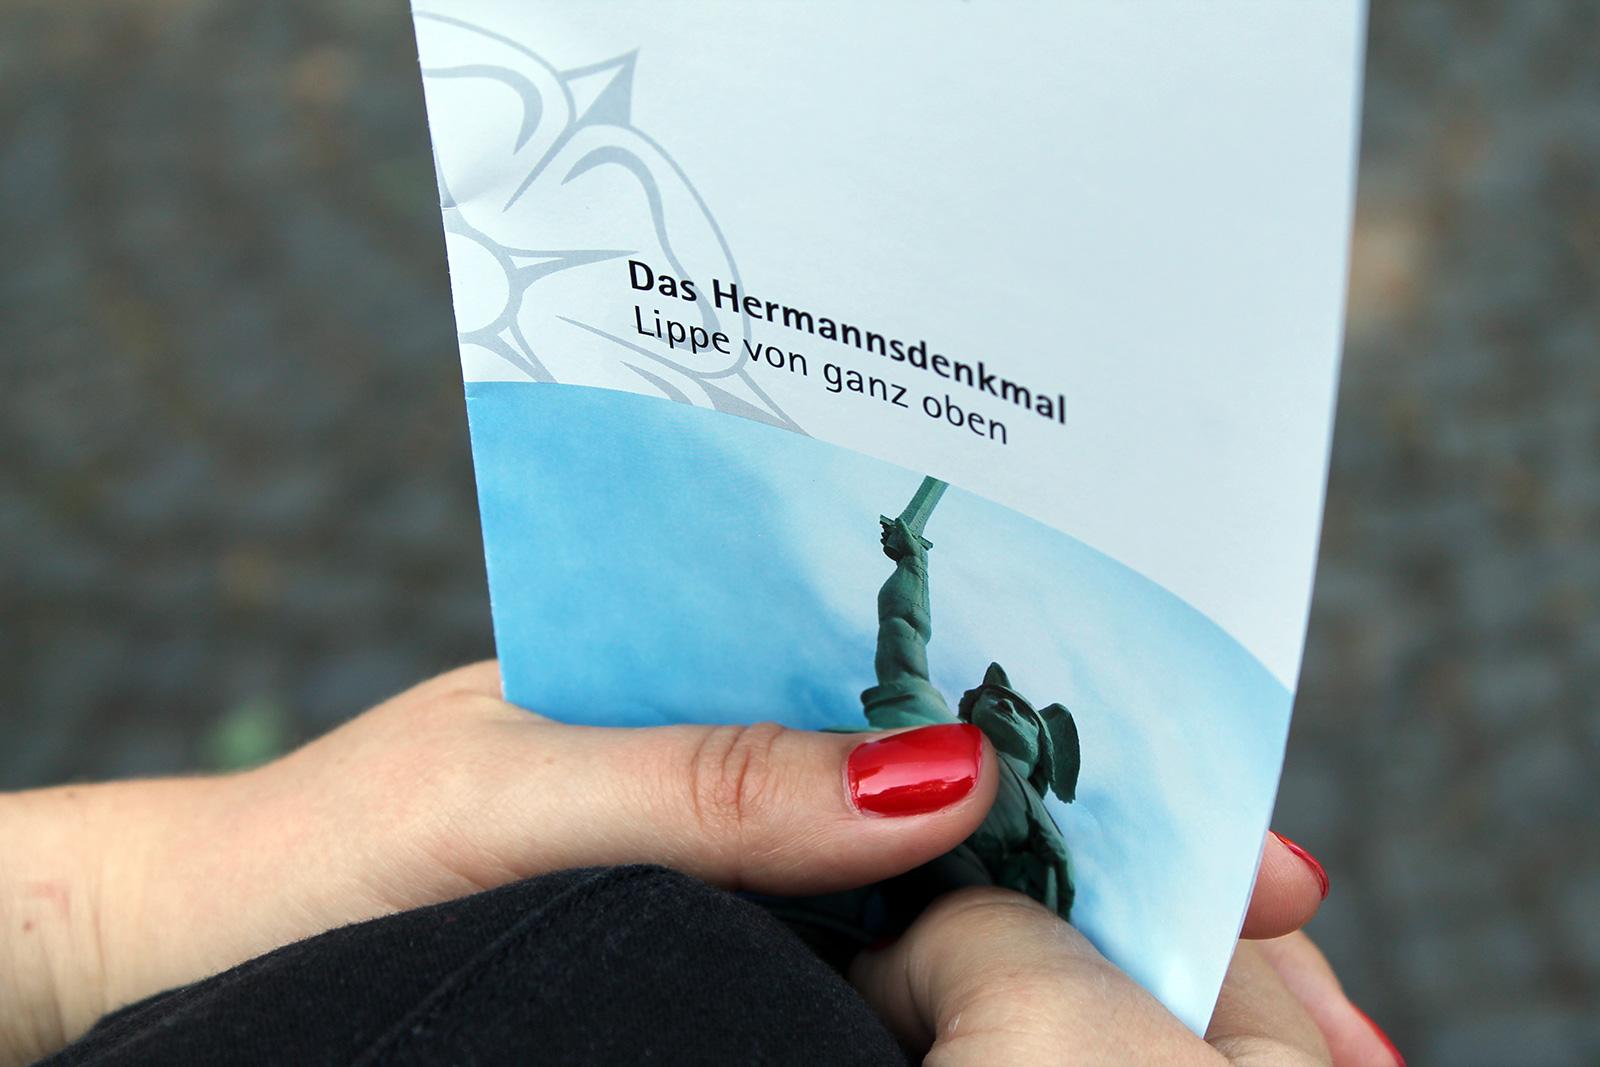 Flyer für das Hermannsdenkmal